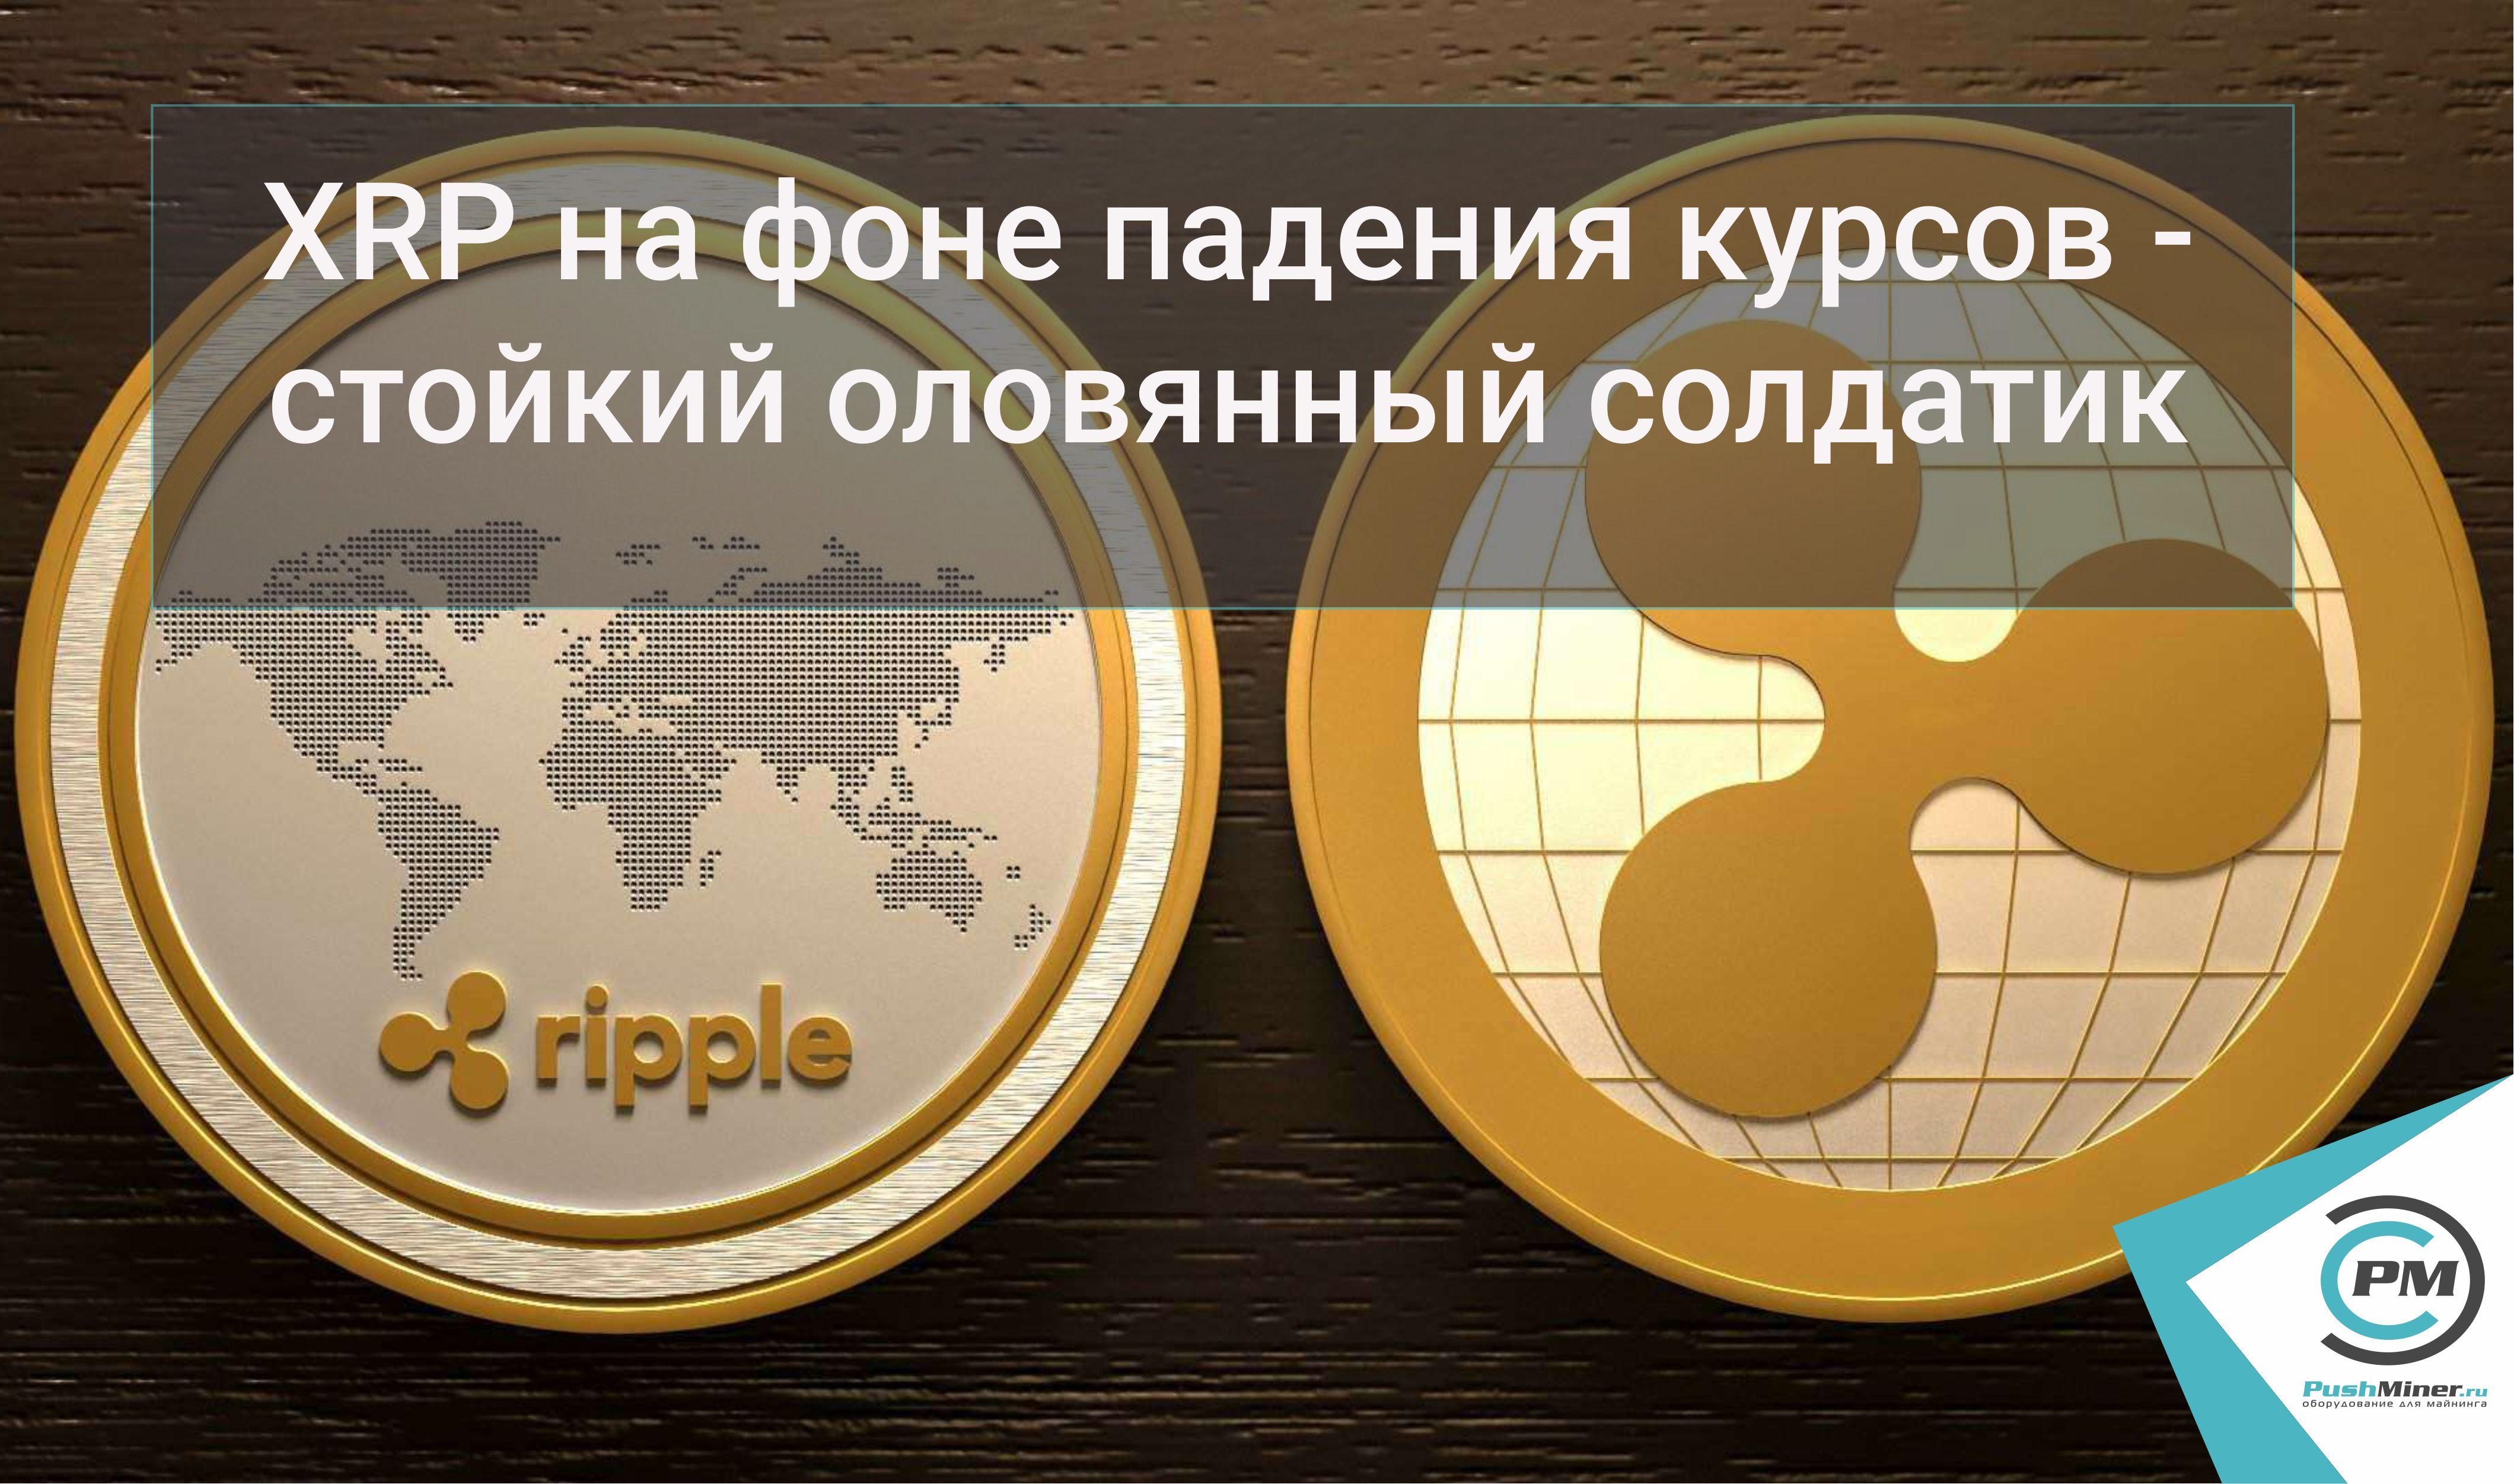 XRP на фоне падения курсов криптовалют - стойкий оловянный солдатик